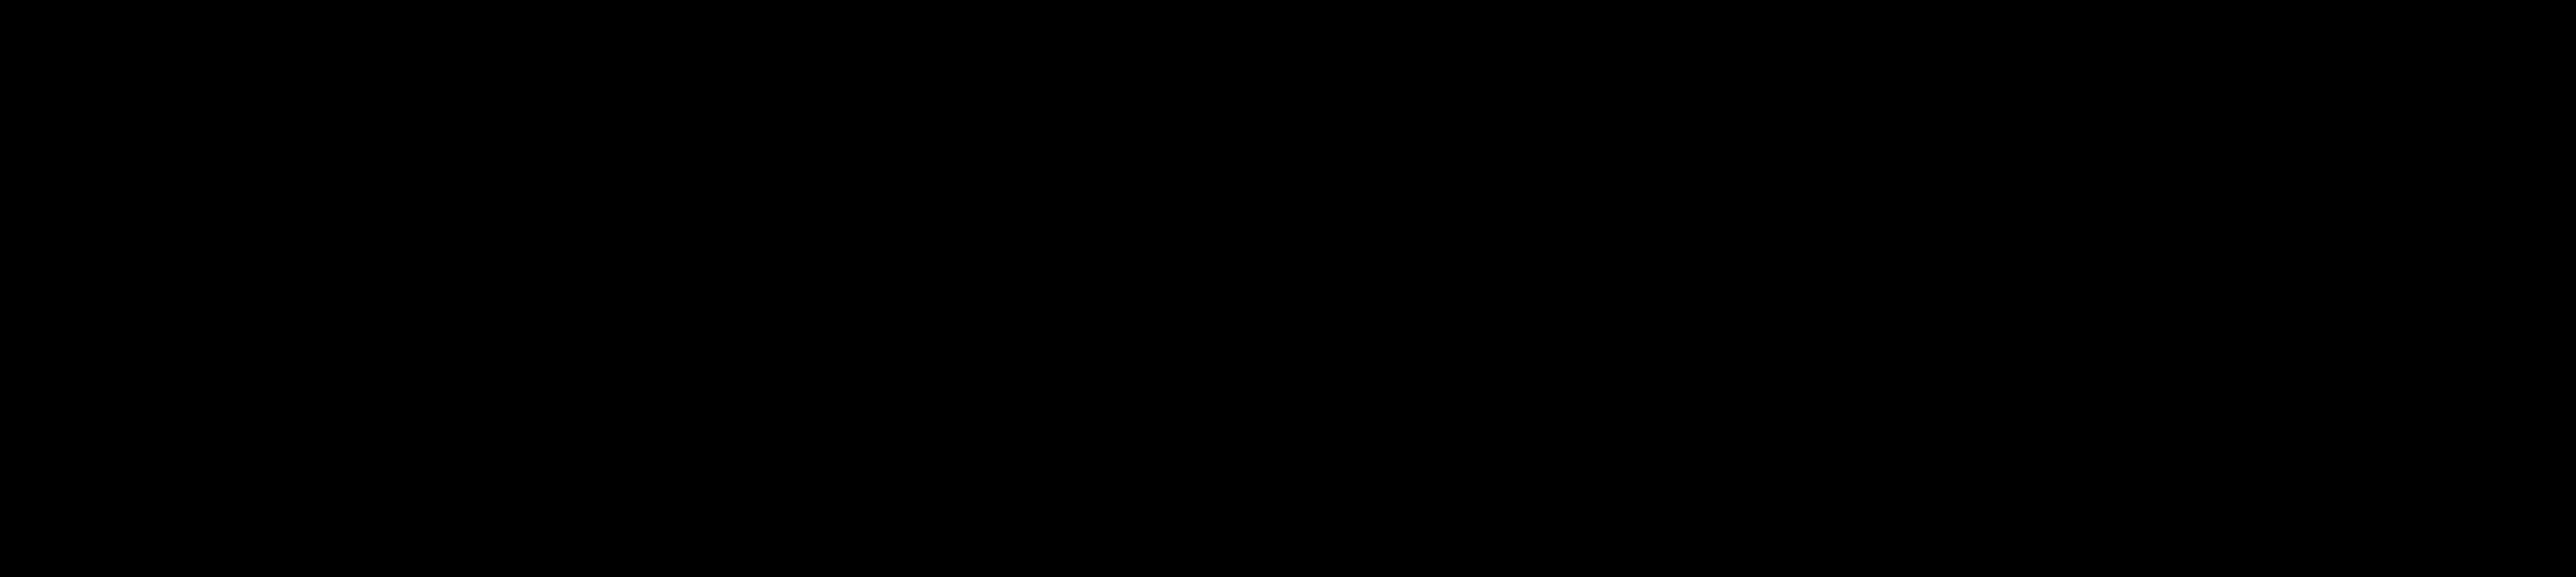 MTSEA-SLC-(+)-Biotin